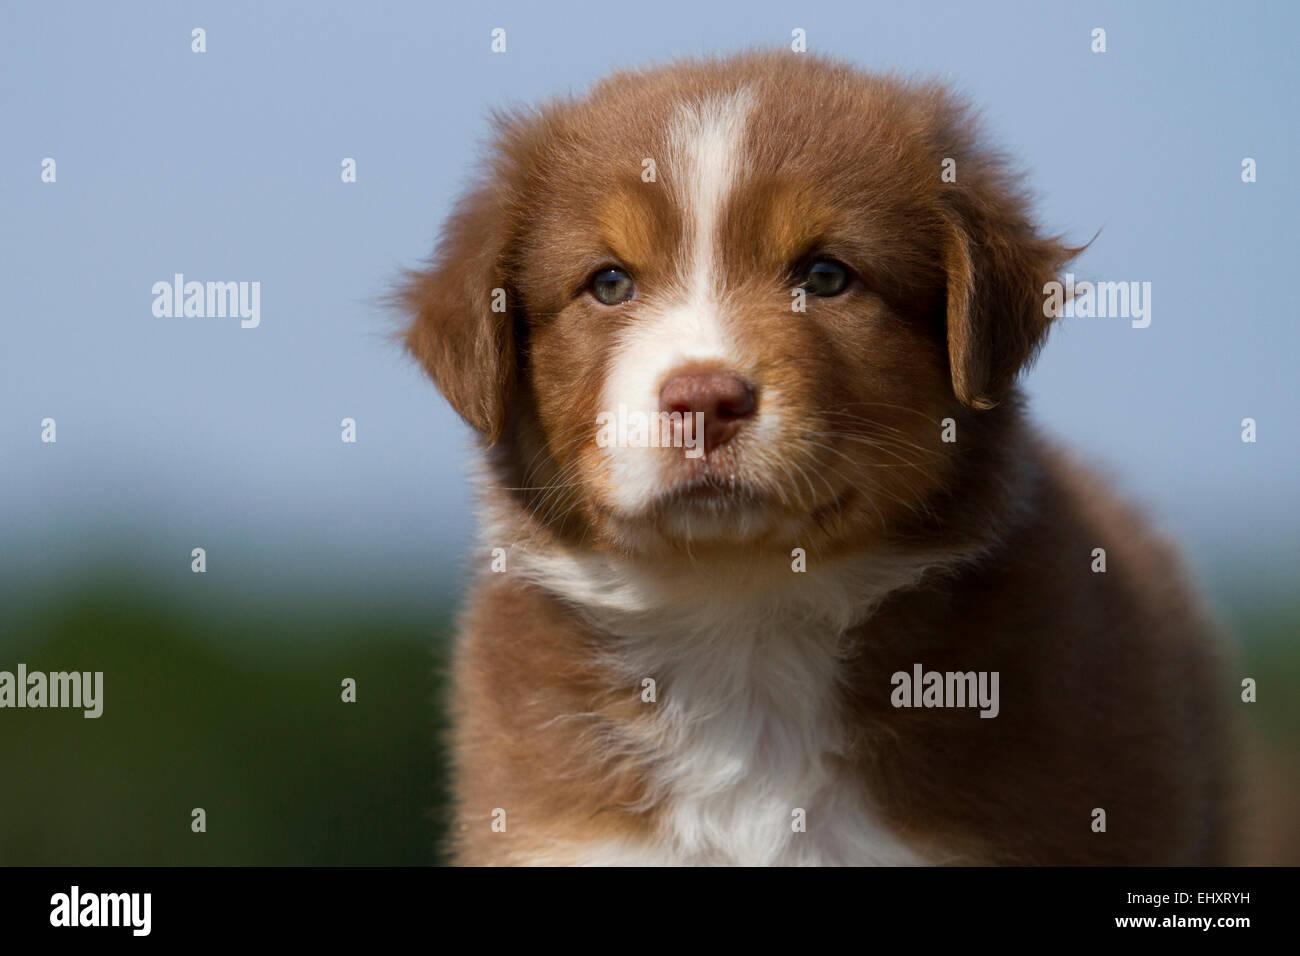 Australian Shepherd Red Tri Portrait Puppy Germany Stock Photo Alamy